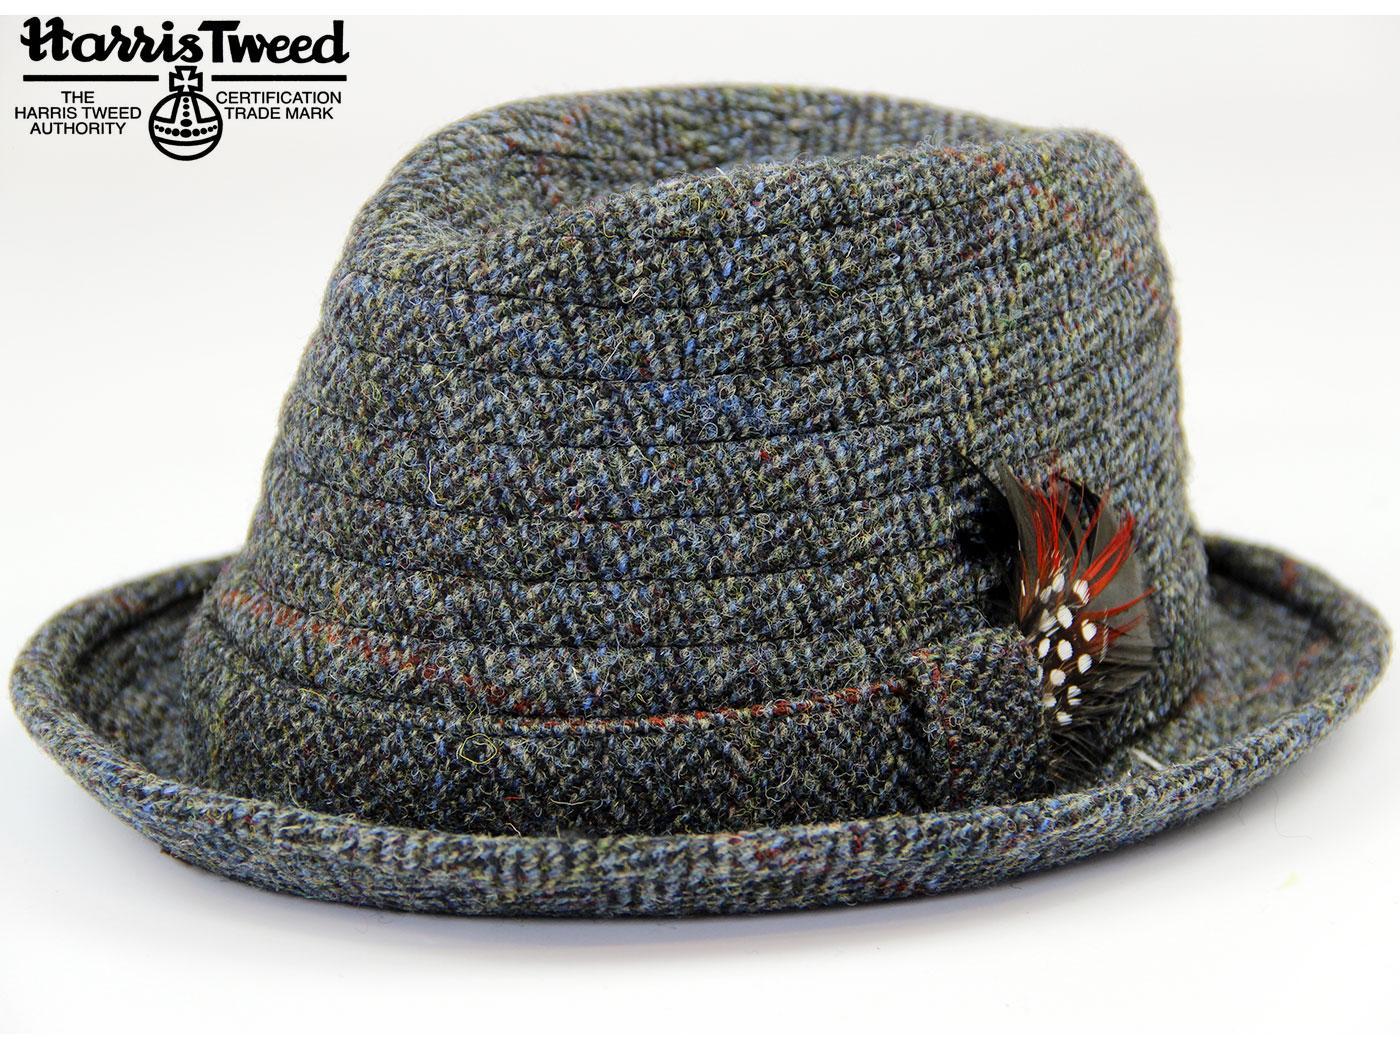 Orkney Harris Tweed Retro 60s Mod Trilby Hat in Grey d1776fbf6f0